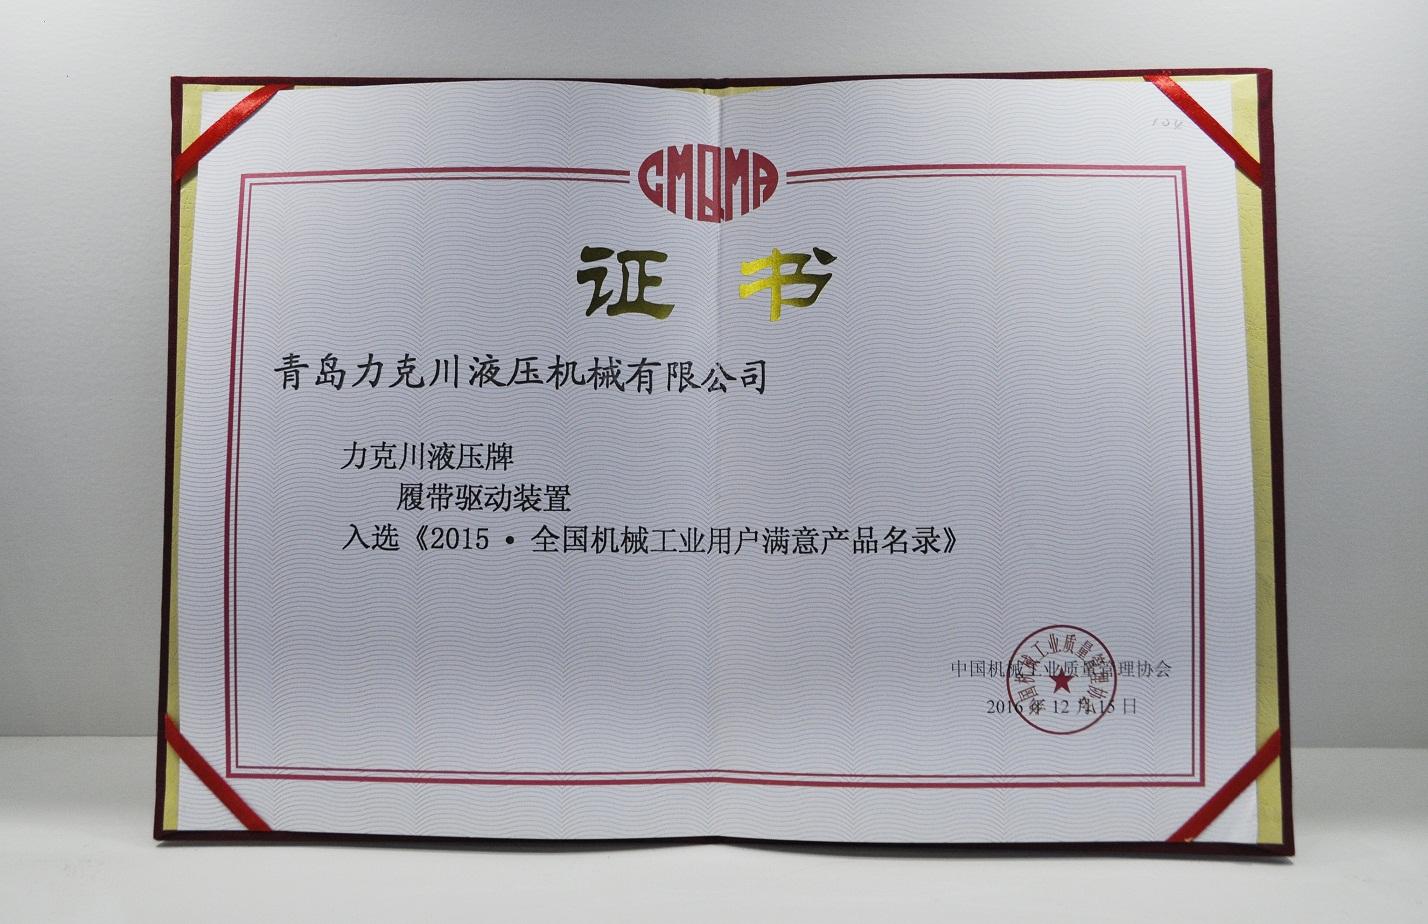 力克川液压公司产品入选《2015-全国机械工业用户满意产品名录》